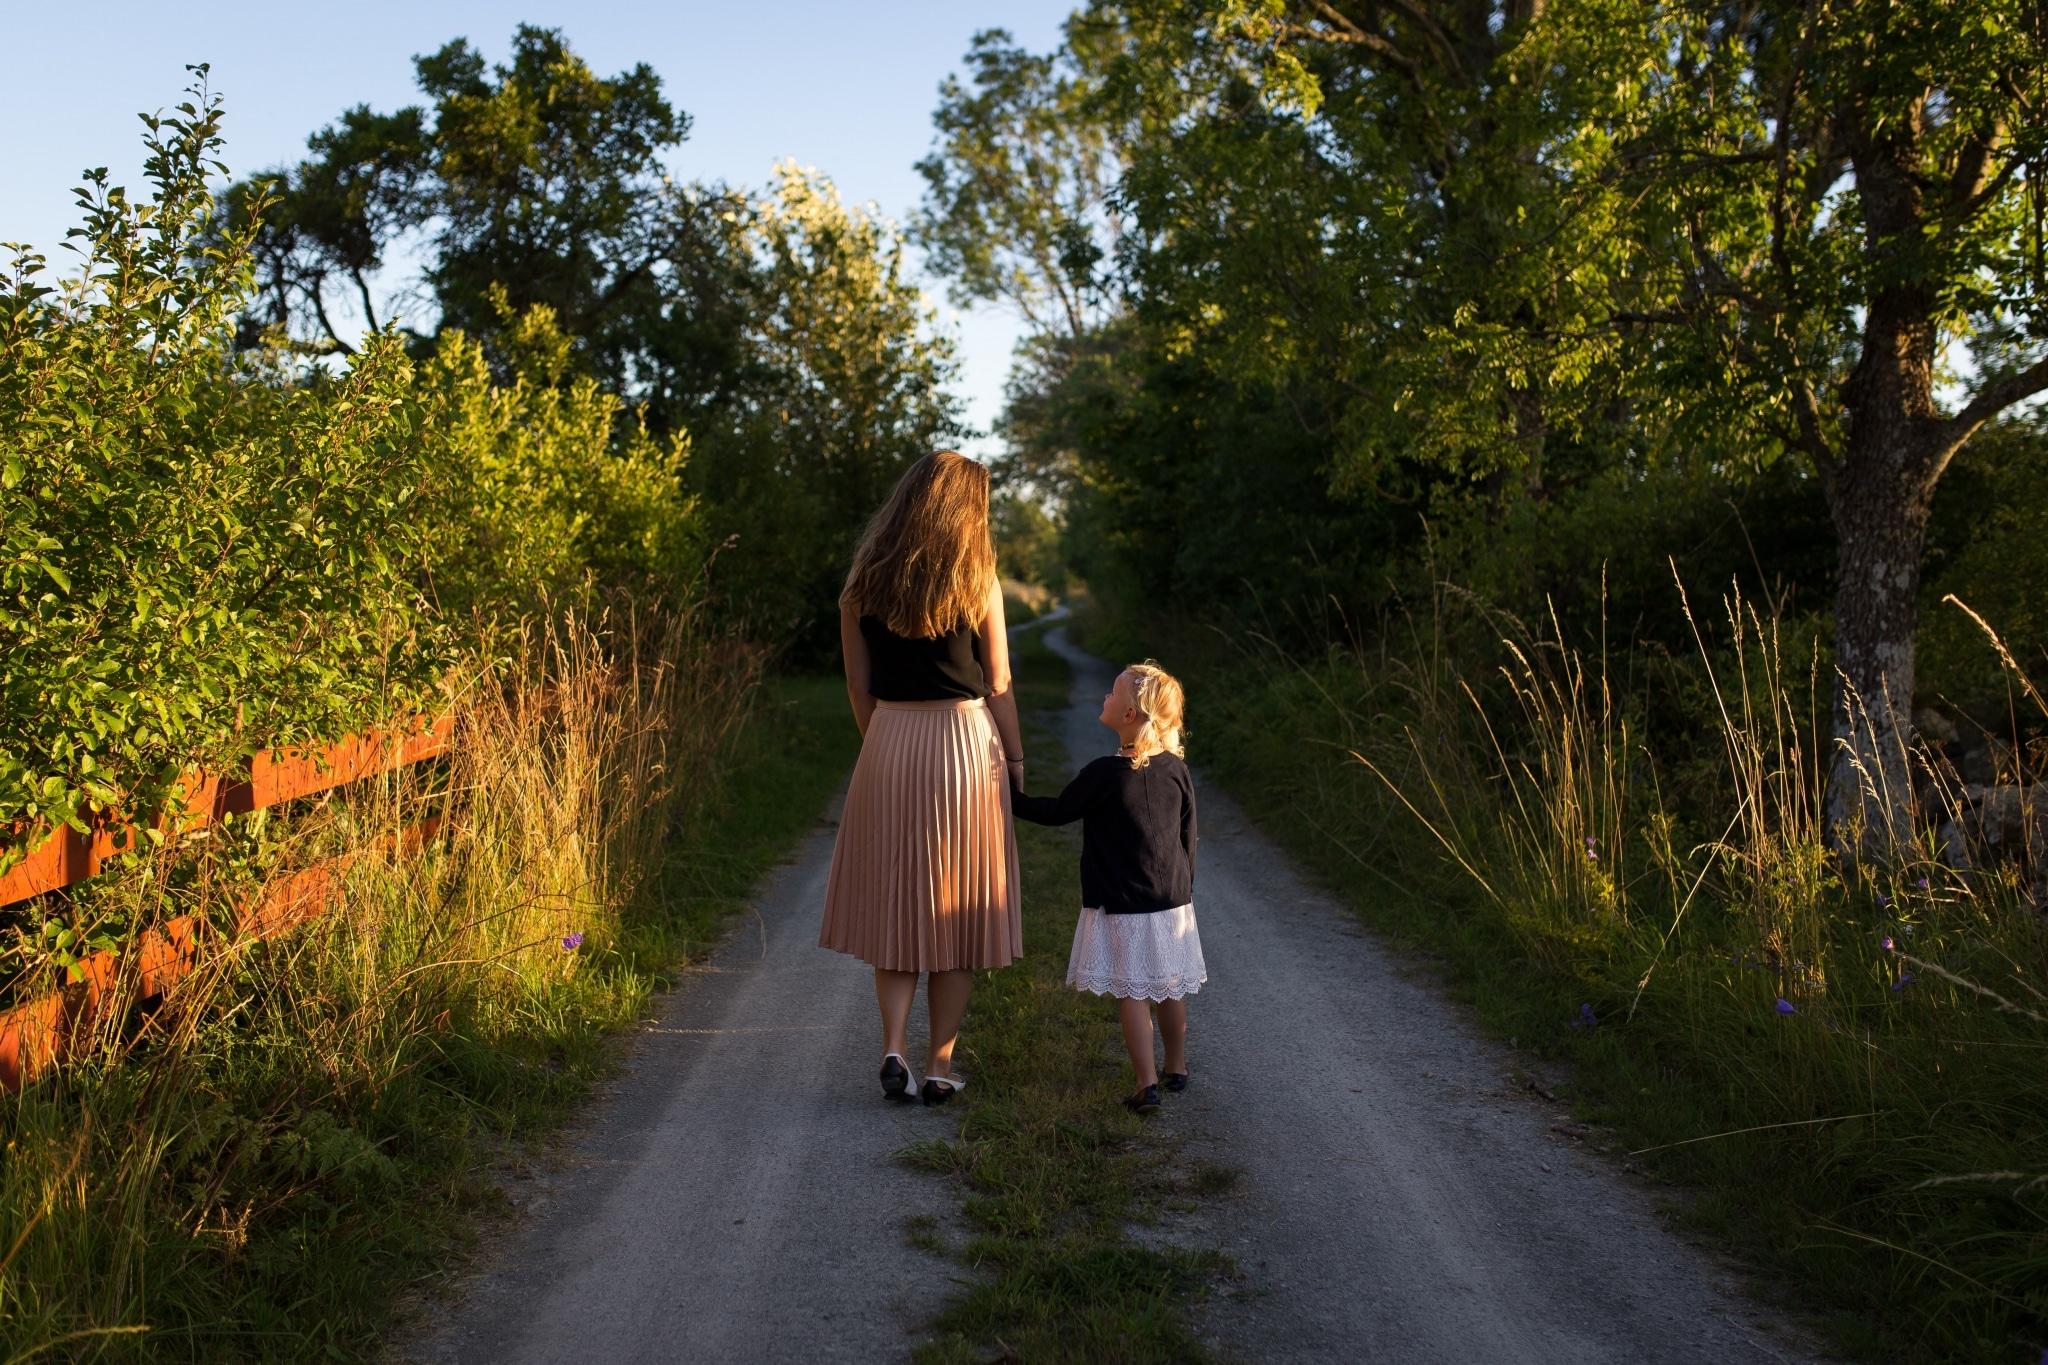 Frau und Kind gehen spazieren